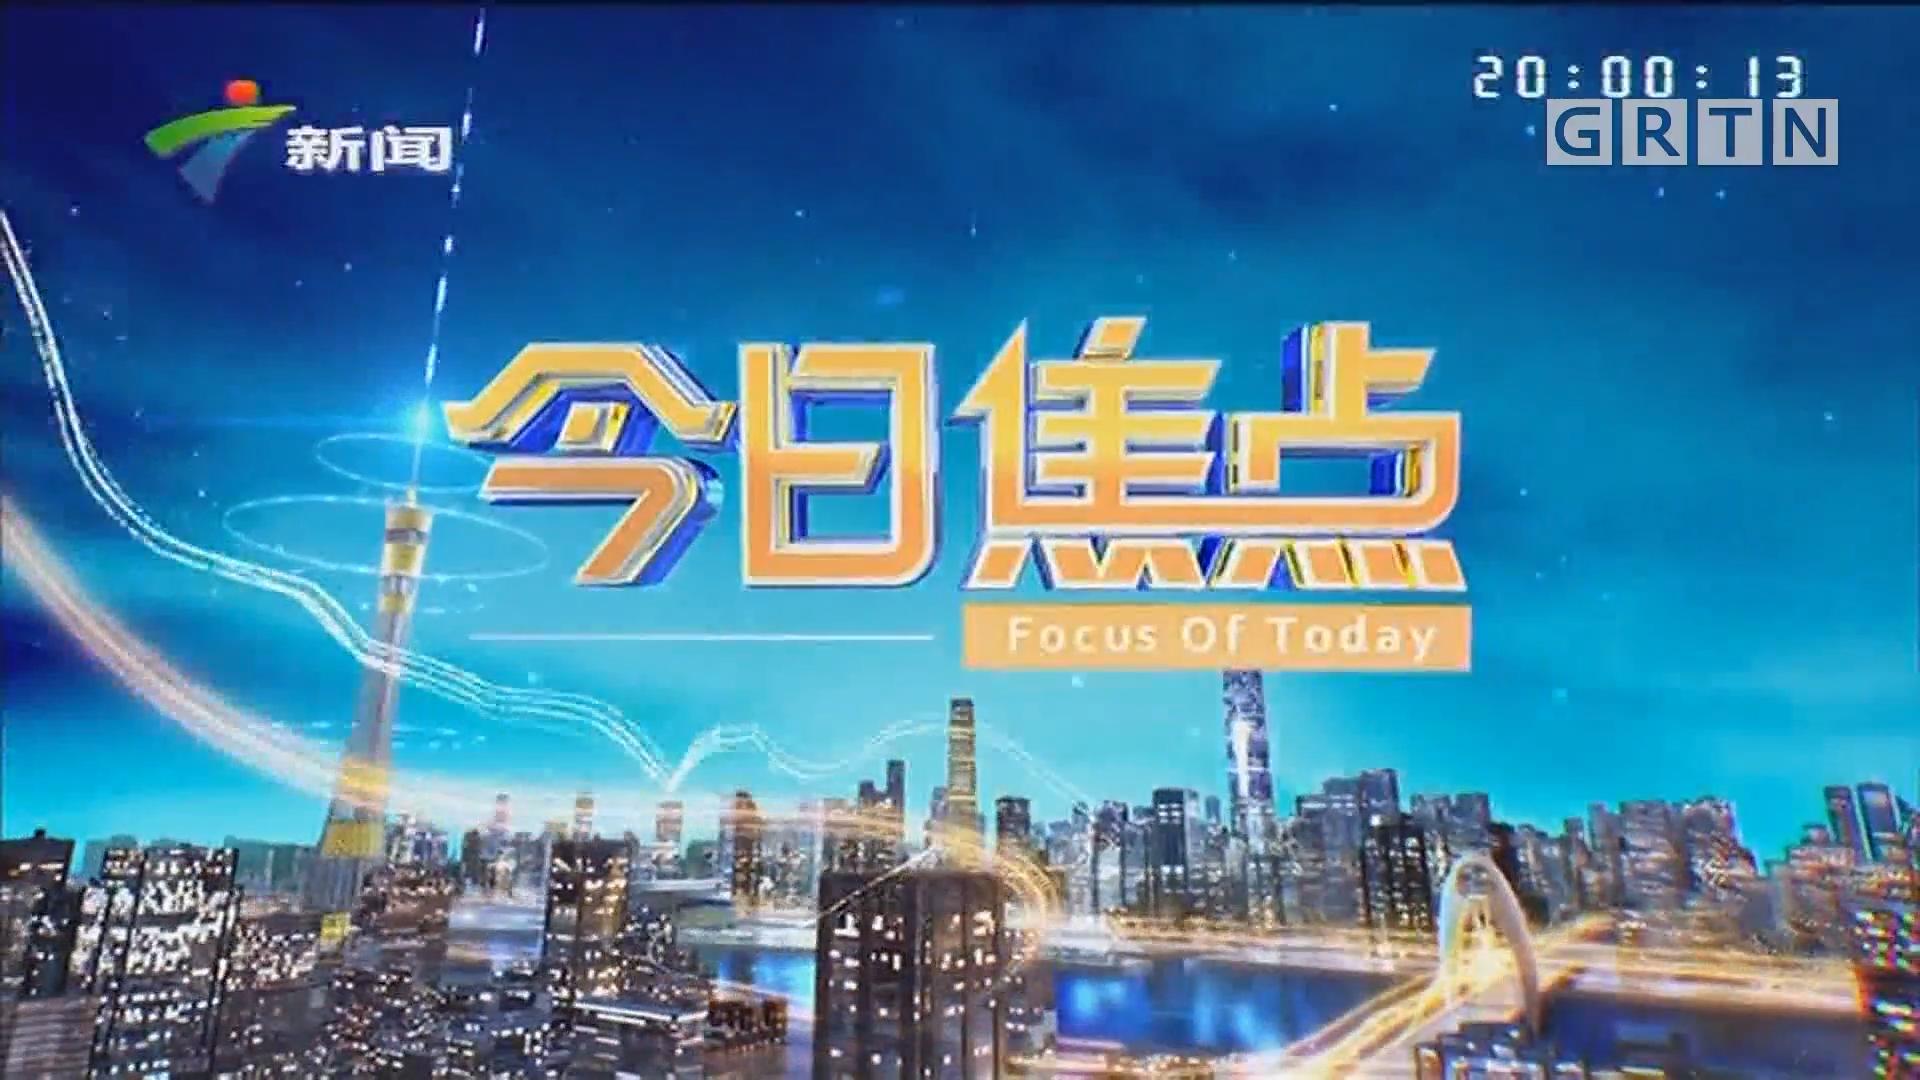 [HD][2019-10-14]今日焦点:股市行情:沪指五连阳重返3000点 金融股全线走强